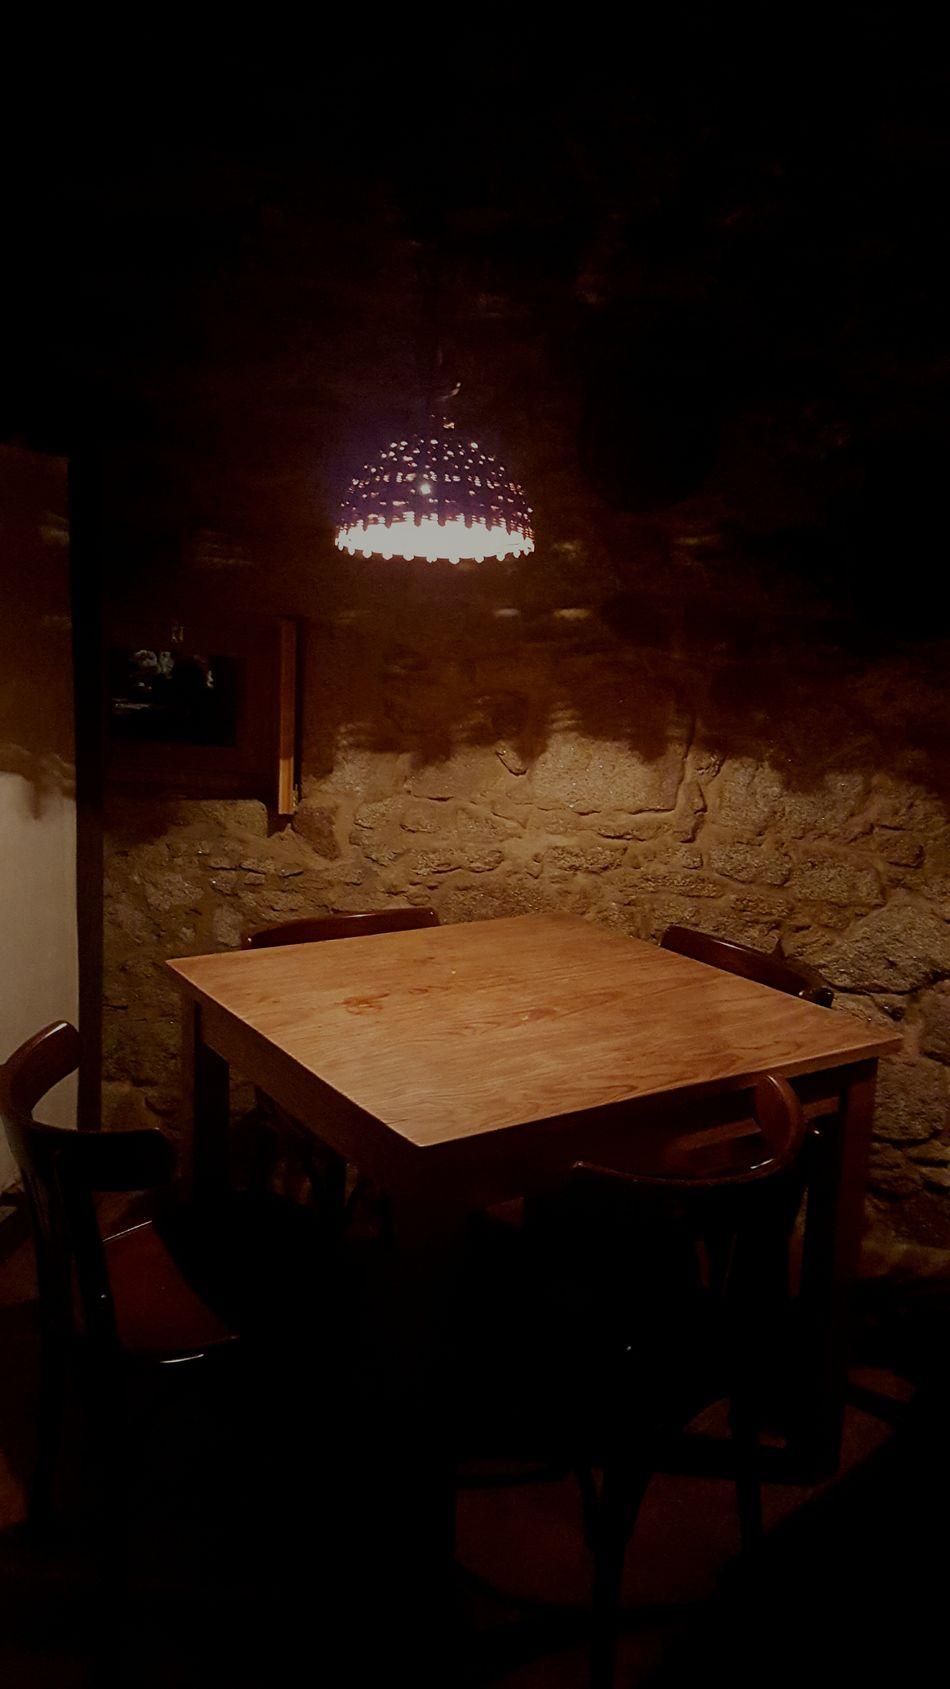 Restaurant Details Low Light SPAIN Tapas Time ;) Chair Table